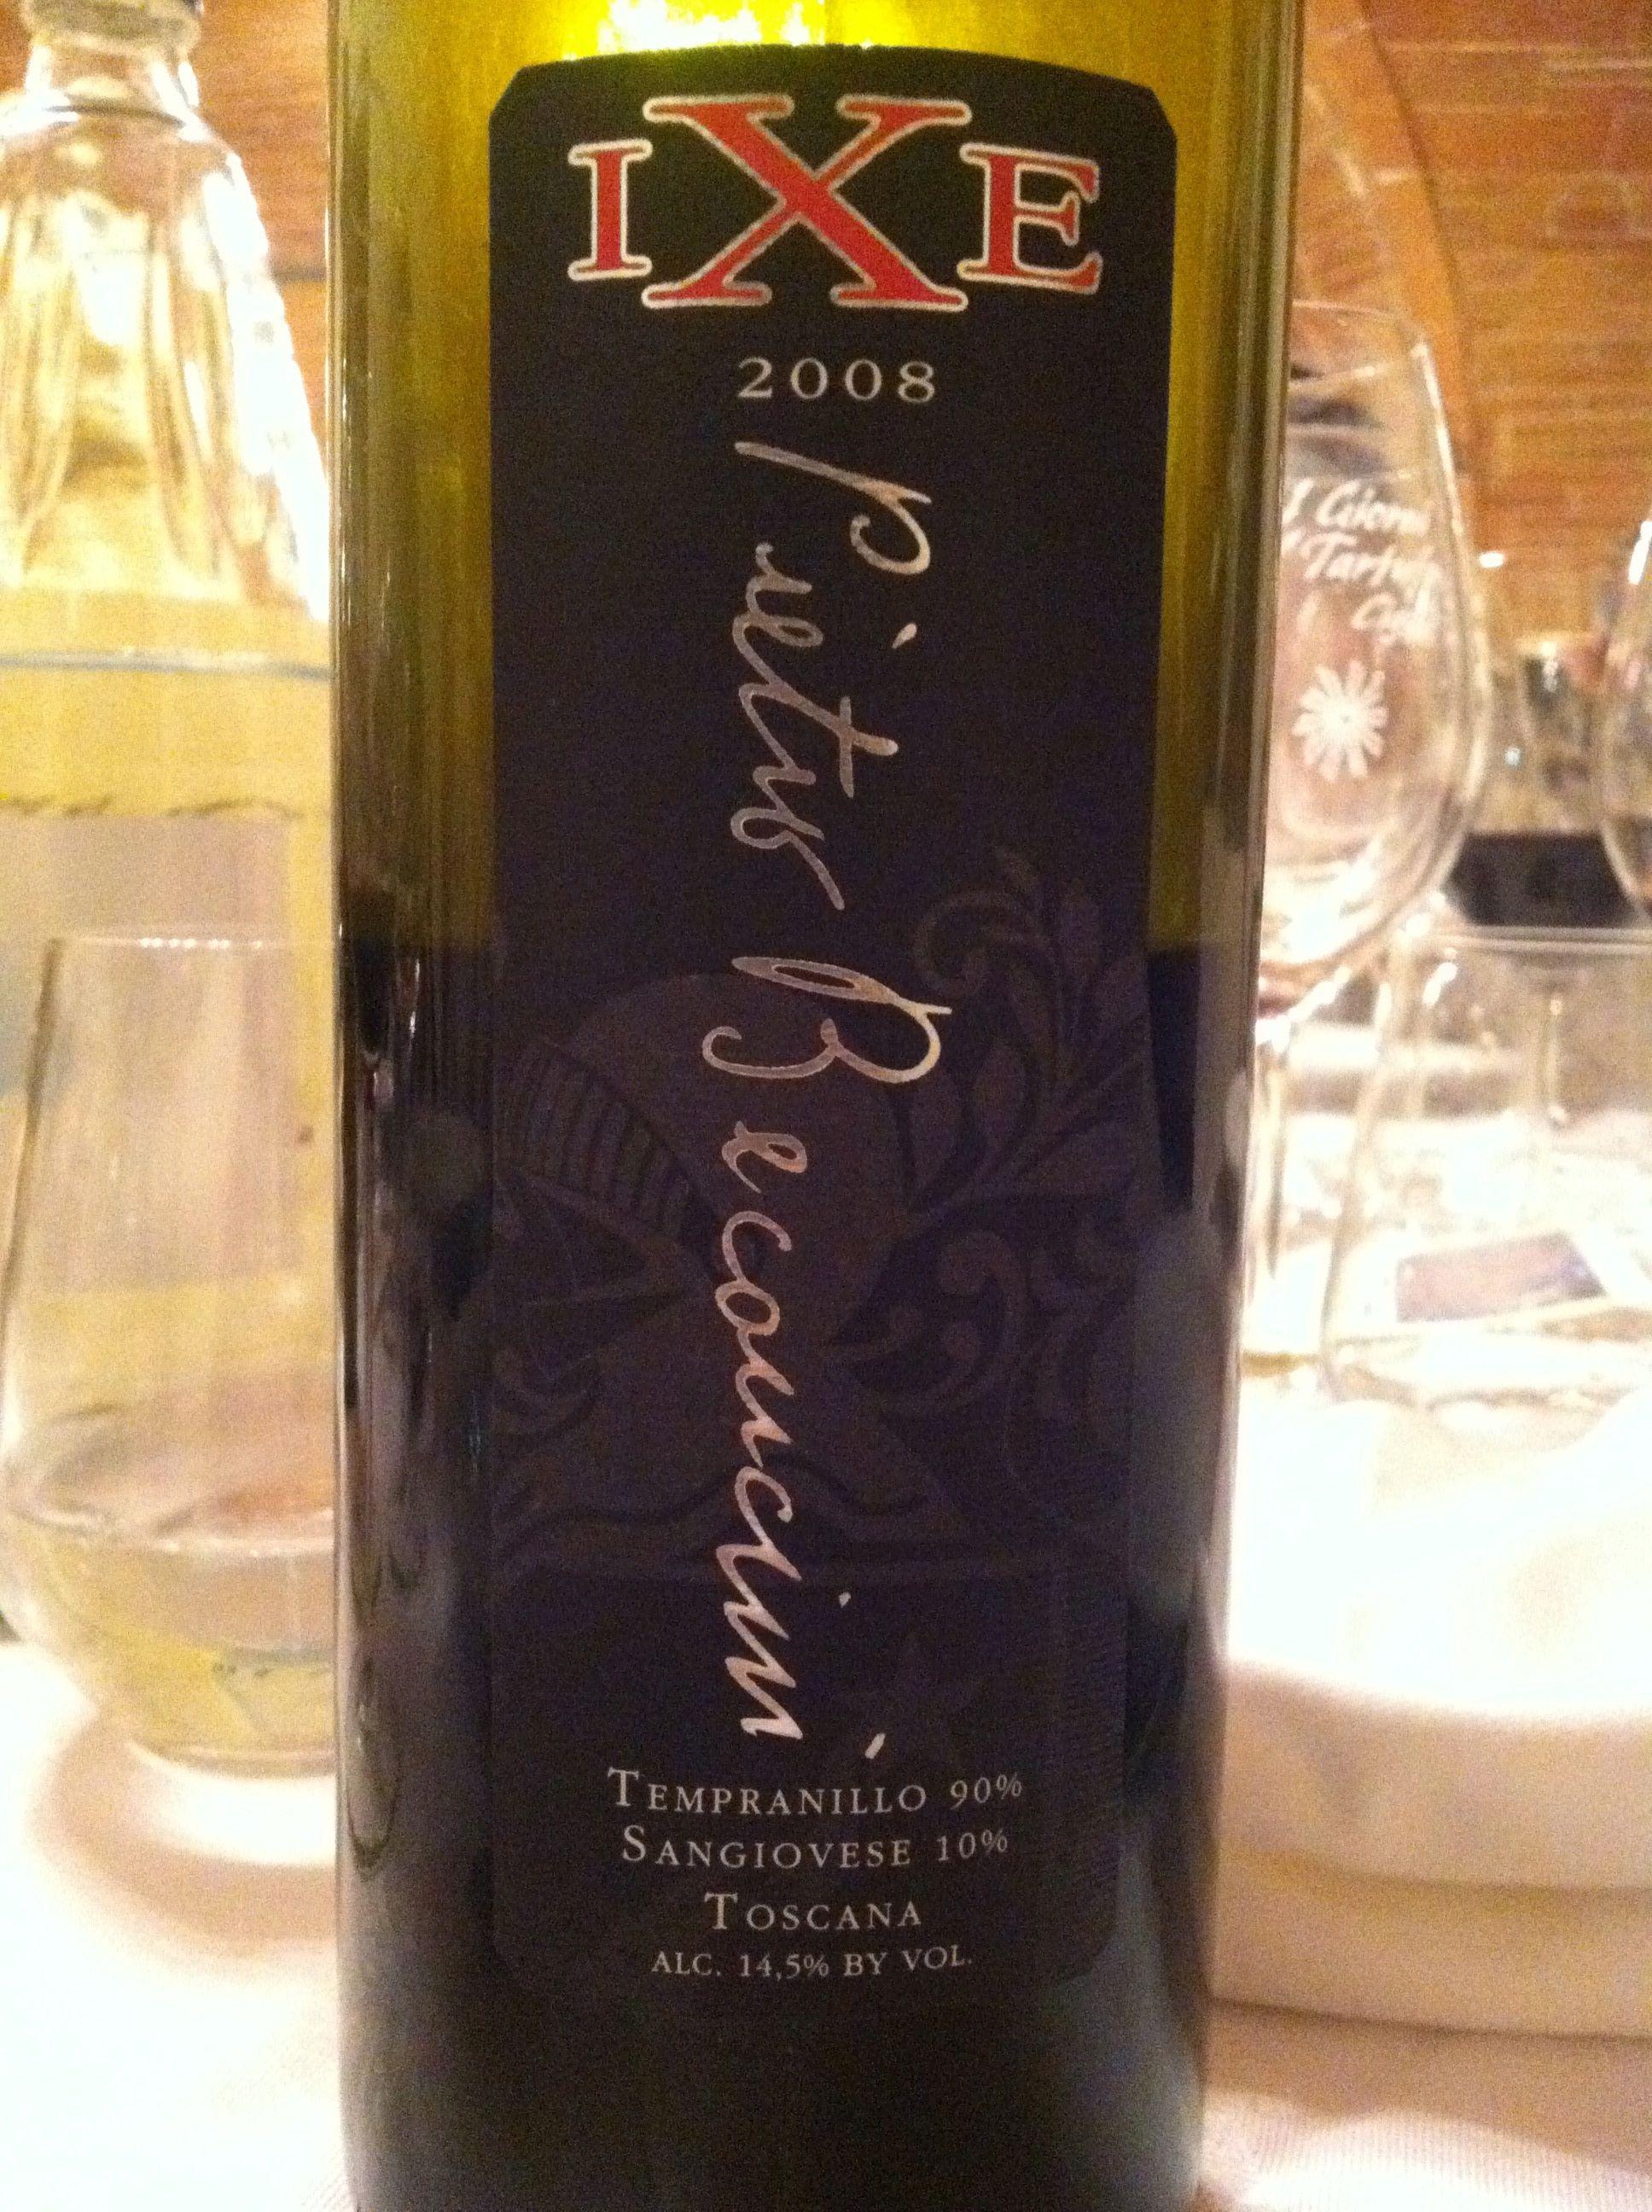 Beconcini-Ixe-2008.jpg